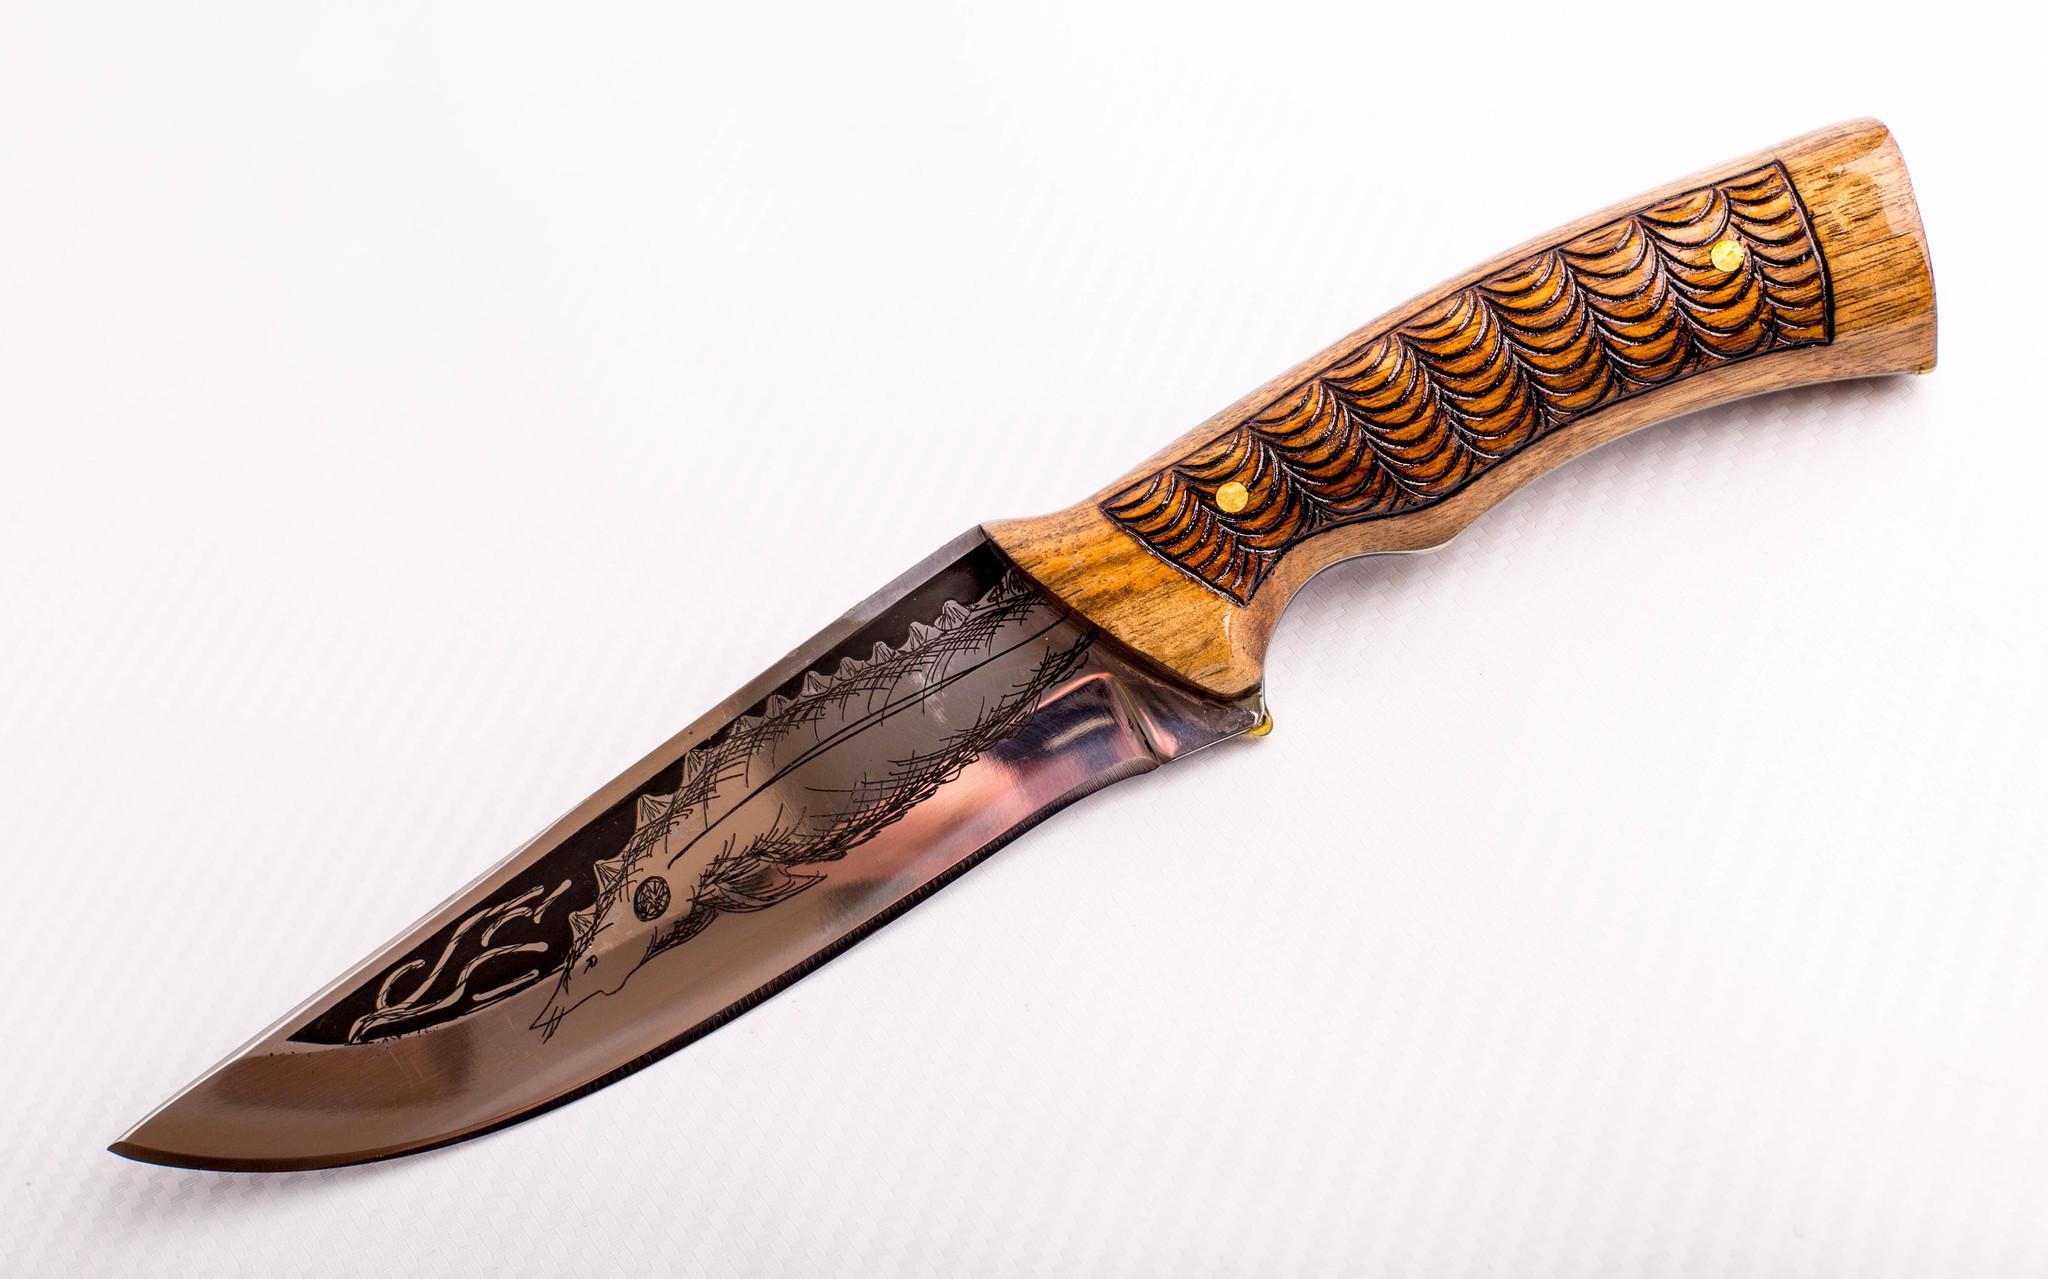 Нож Морской Волк, резной, Кизляр СТО, сталь 65х13 нож сафари 2 кизляр сто сталь 65х13 резной гарда